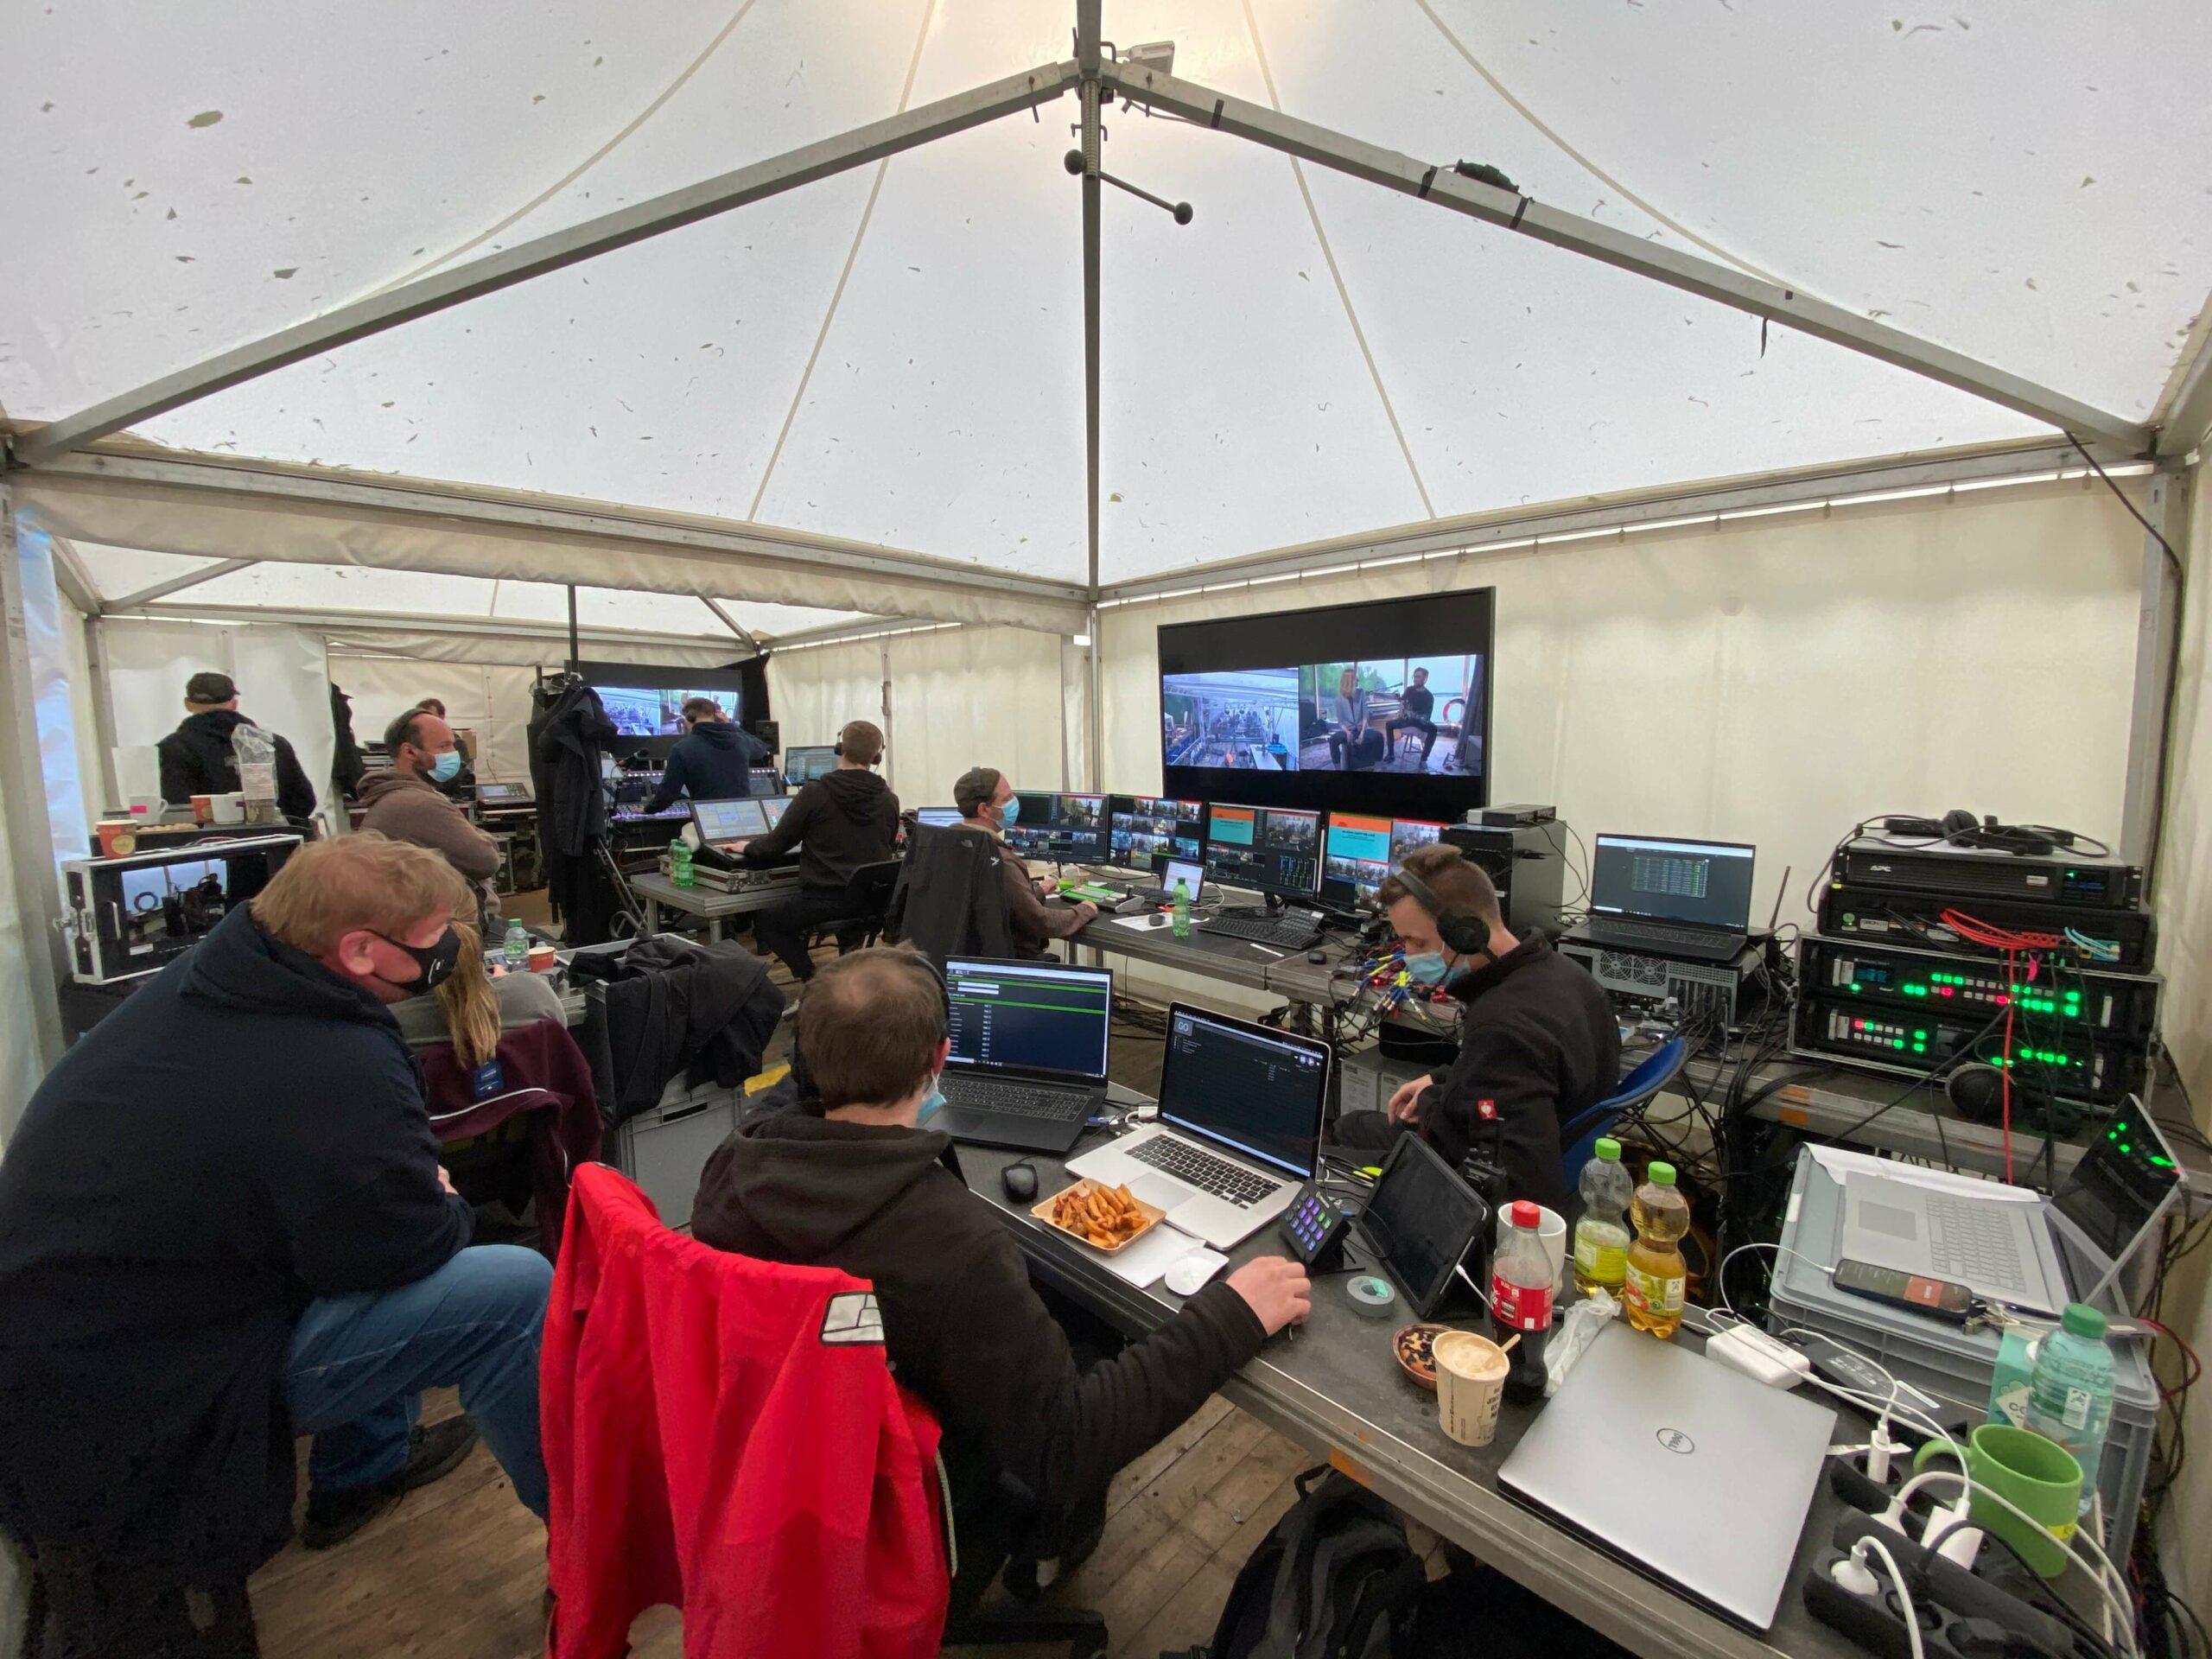 Die Videoregie und der FOH wurden an Land in Zelten untergebracht. Rund 100 Meter Kabelstrecke lagen zwischen Regie und Boot. © Groh PA Veranstaltungstechnik